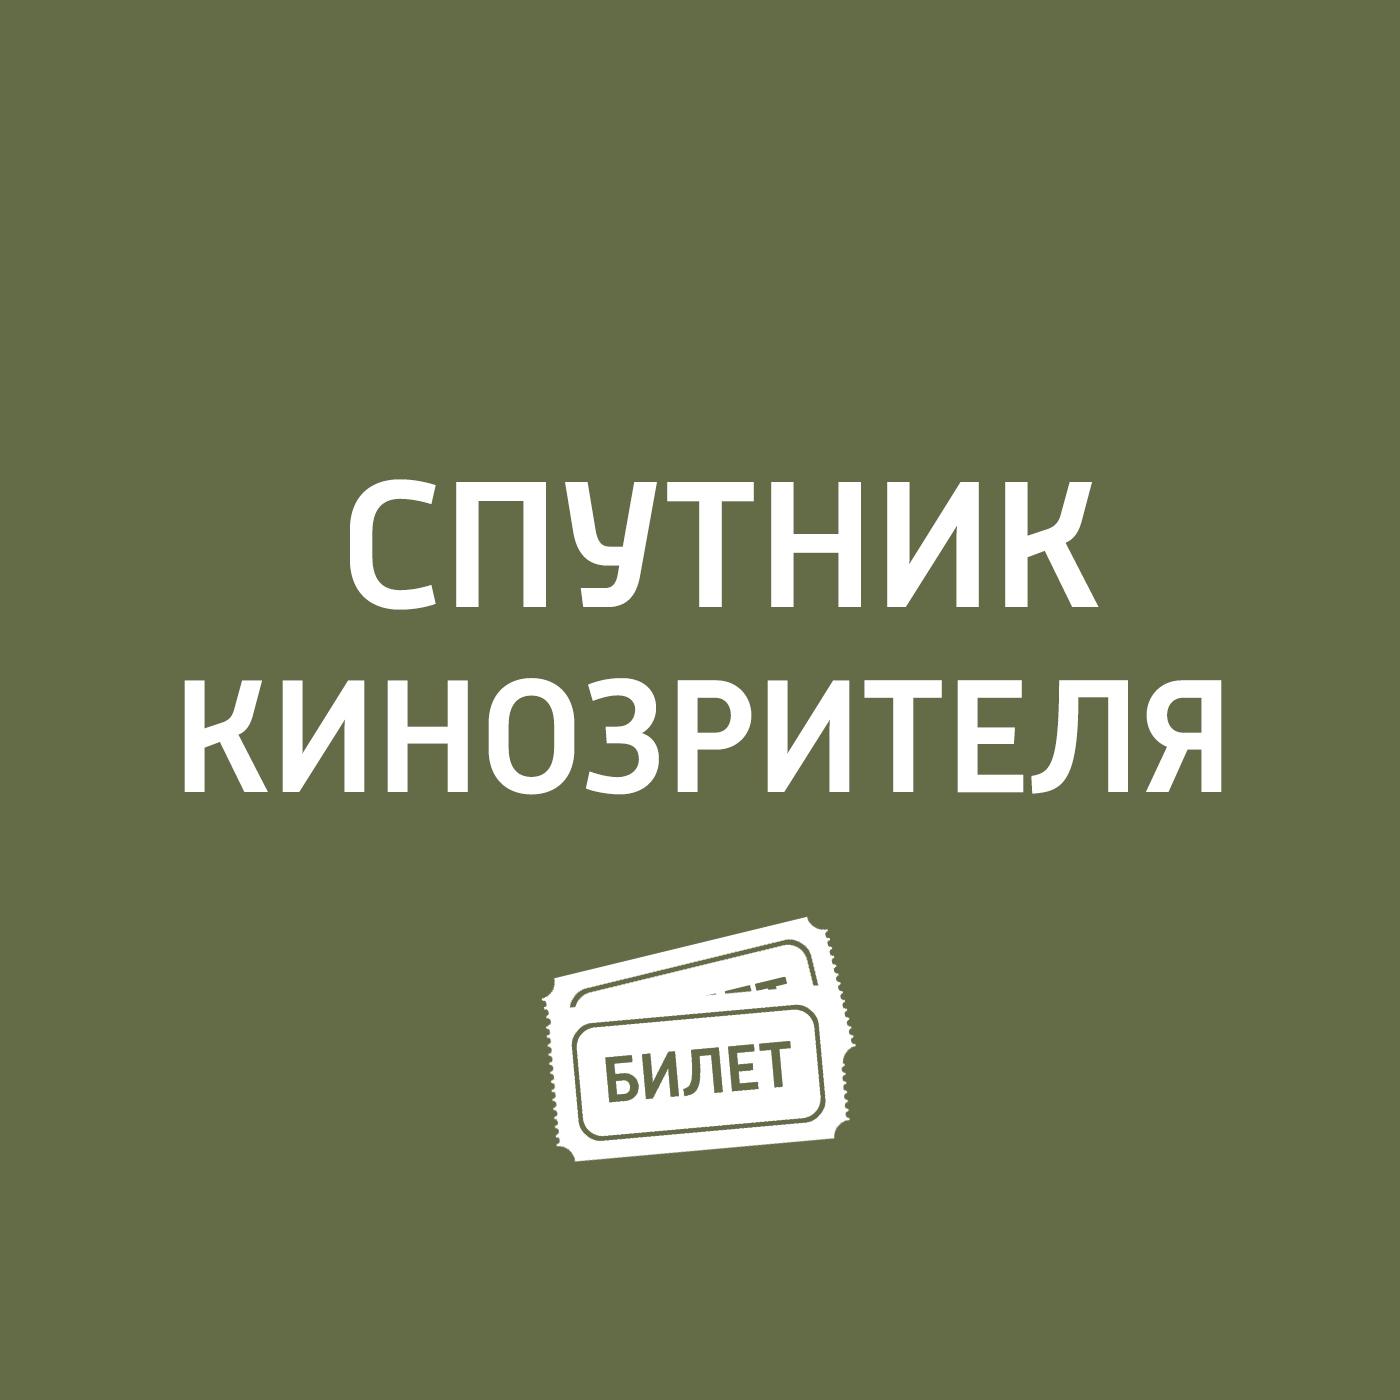 Антон Долин Итоги премии «Оскар-2018» антон долин итоги премии оскар 2017